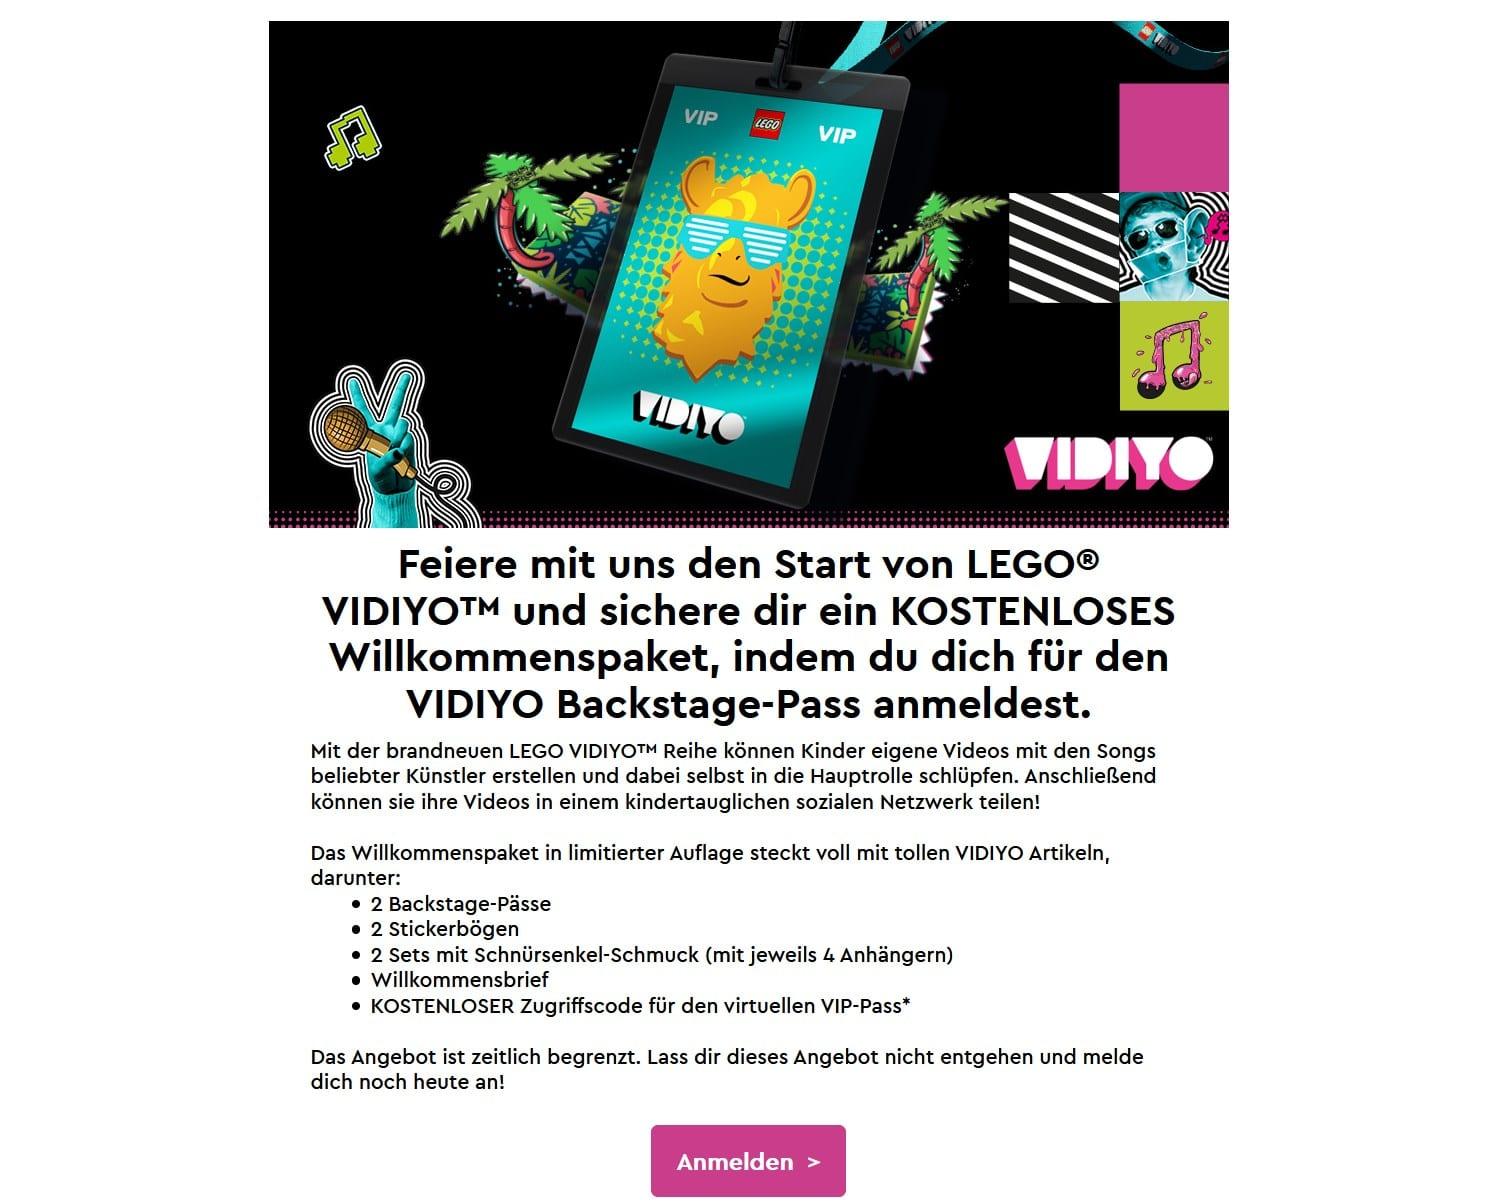 LEGO Vidiyo Willkommenspaket Vip Newsletter 2